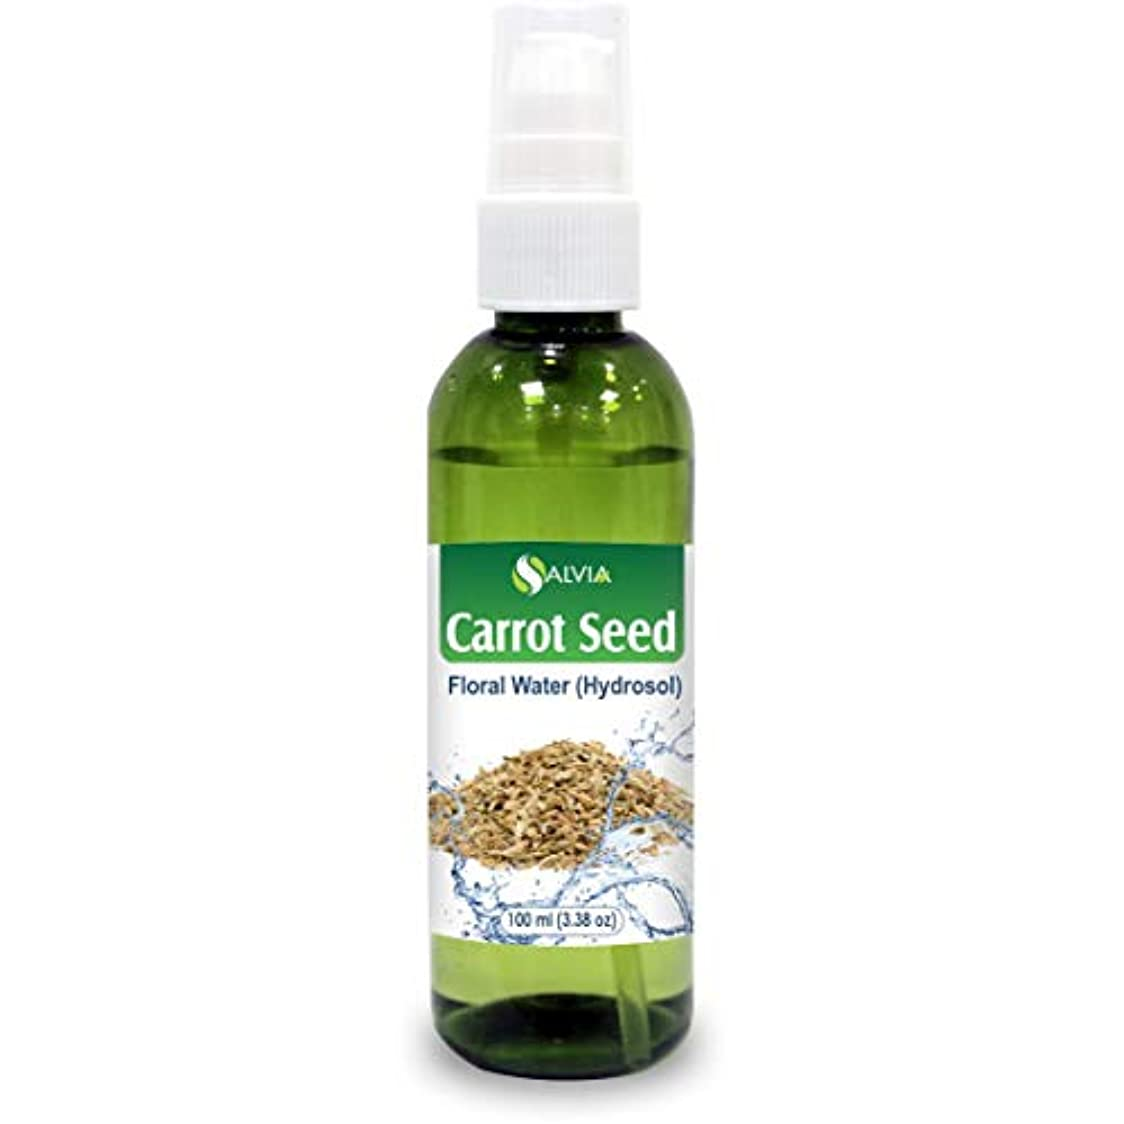 決めます起きるすみませんCarrot Seed Floral Water Floral Water 100ml (Hydrosol) 100% Pure And Natural